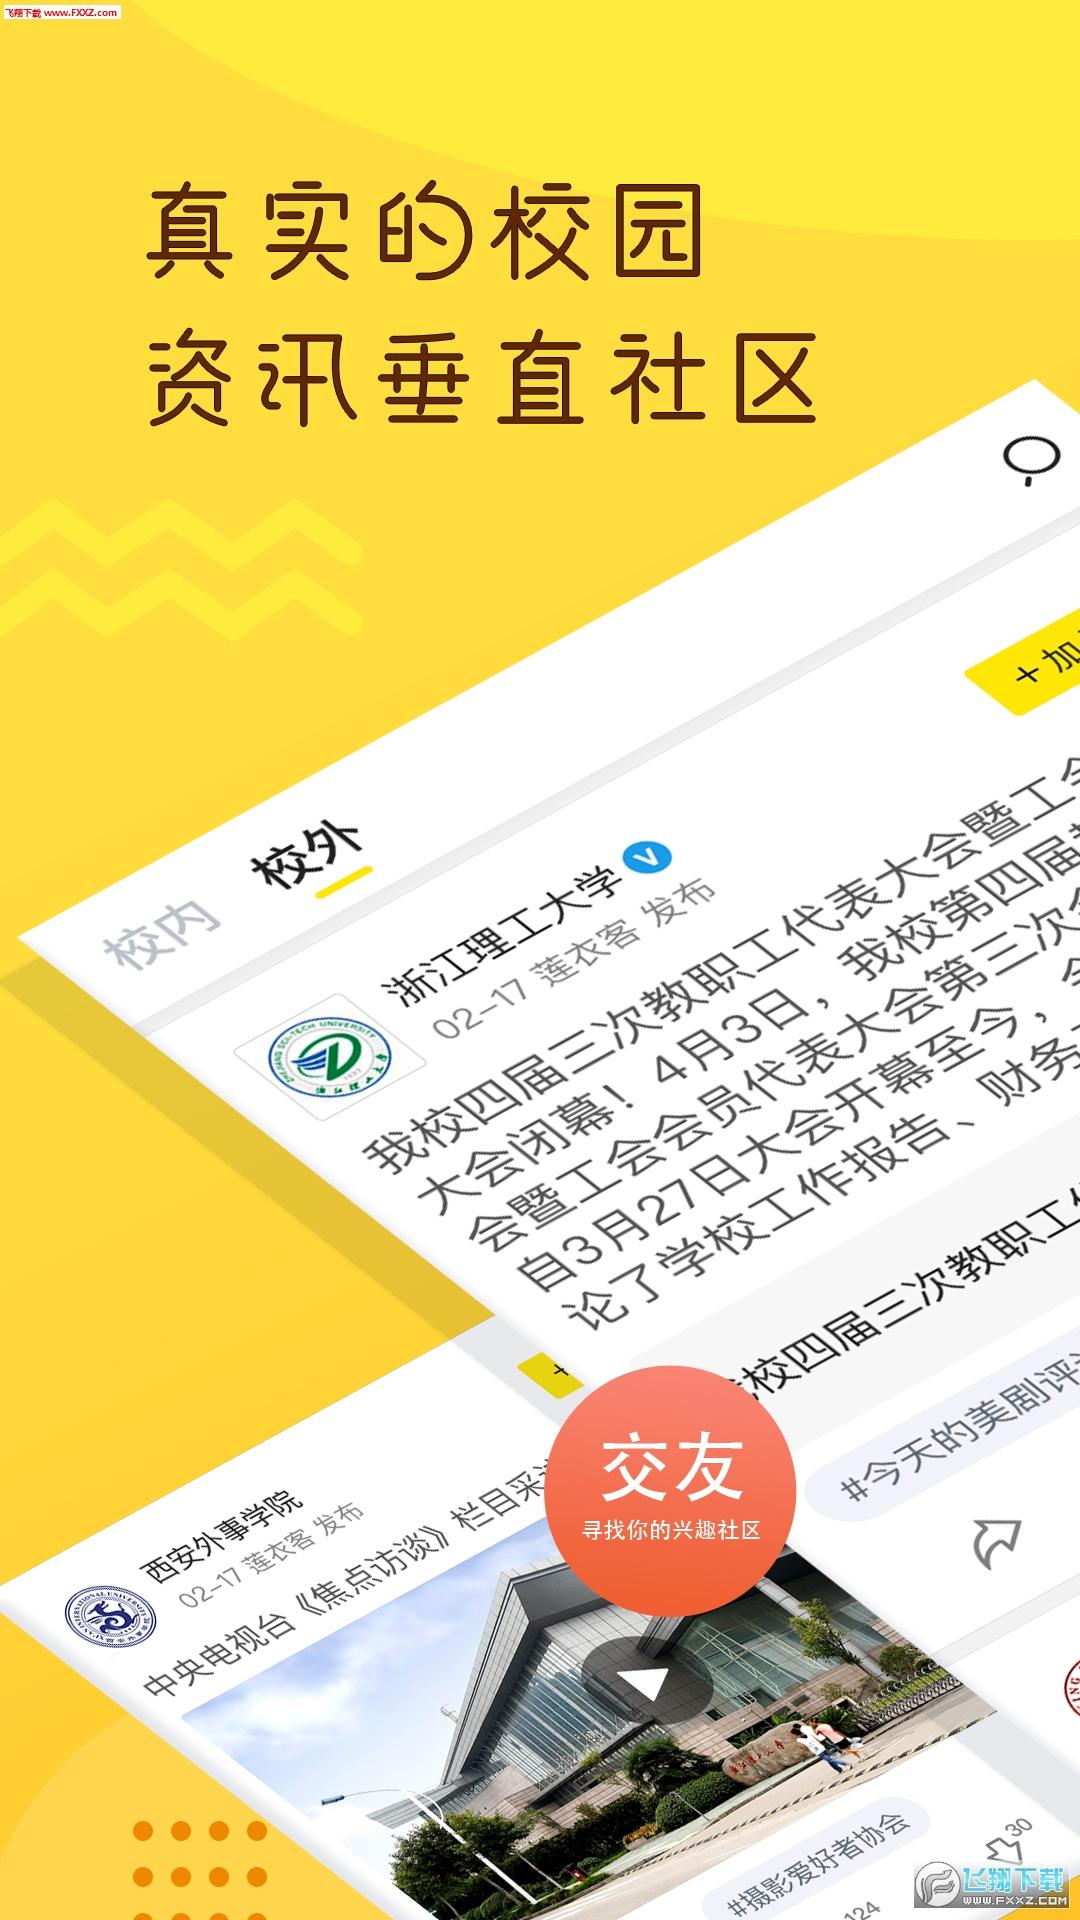 Hi校友app1.0.0截图3